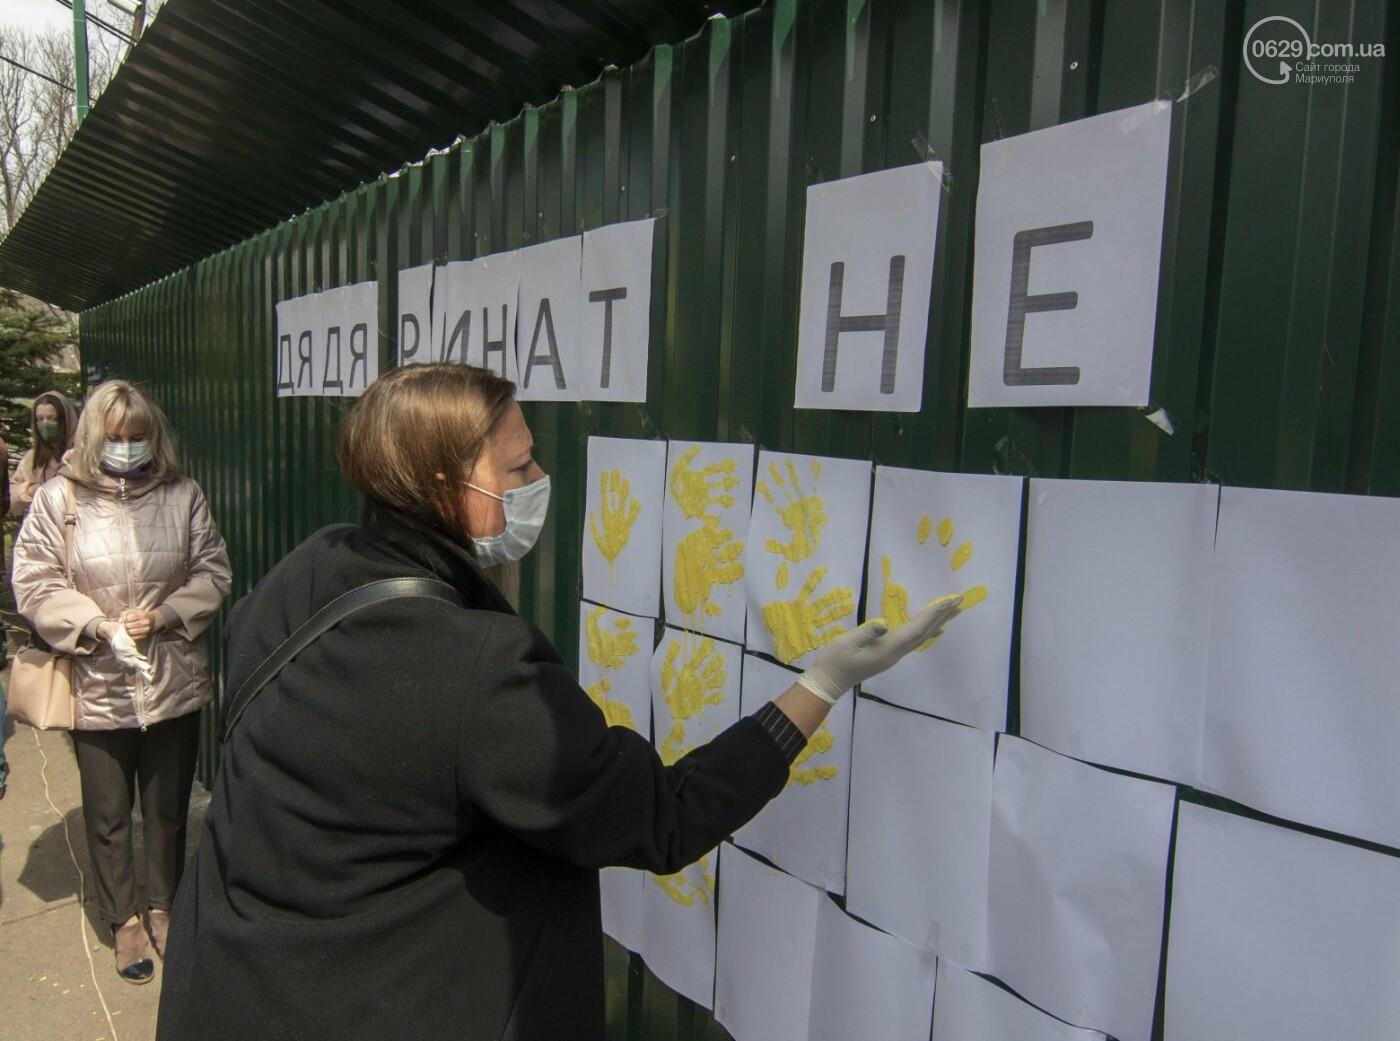 Мариупольцы возле забора Метинвеста спасали Городской сад от частного вуза,- ФОТО, ВИДЕО, фото-12